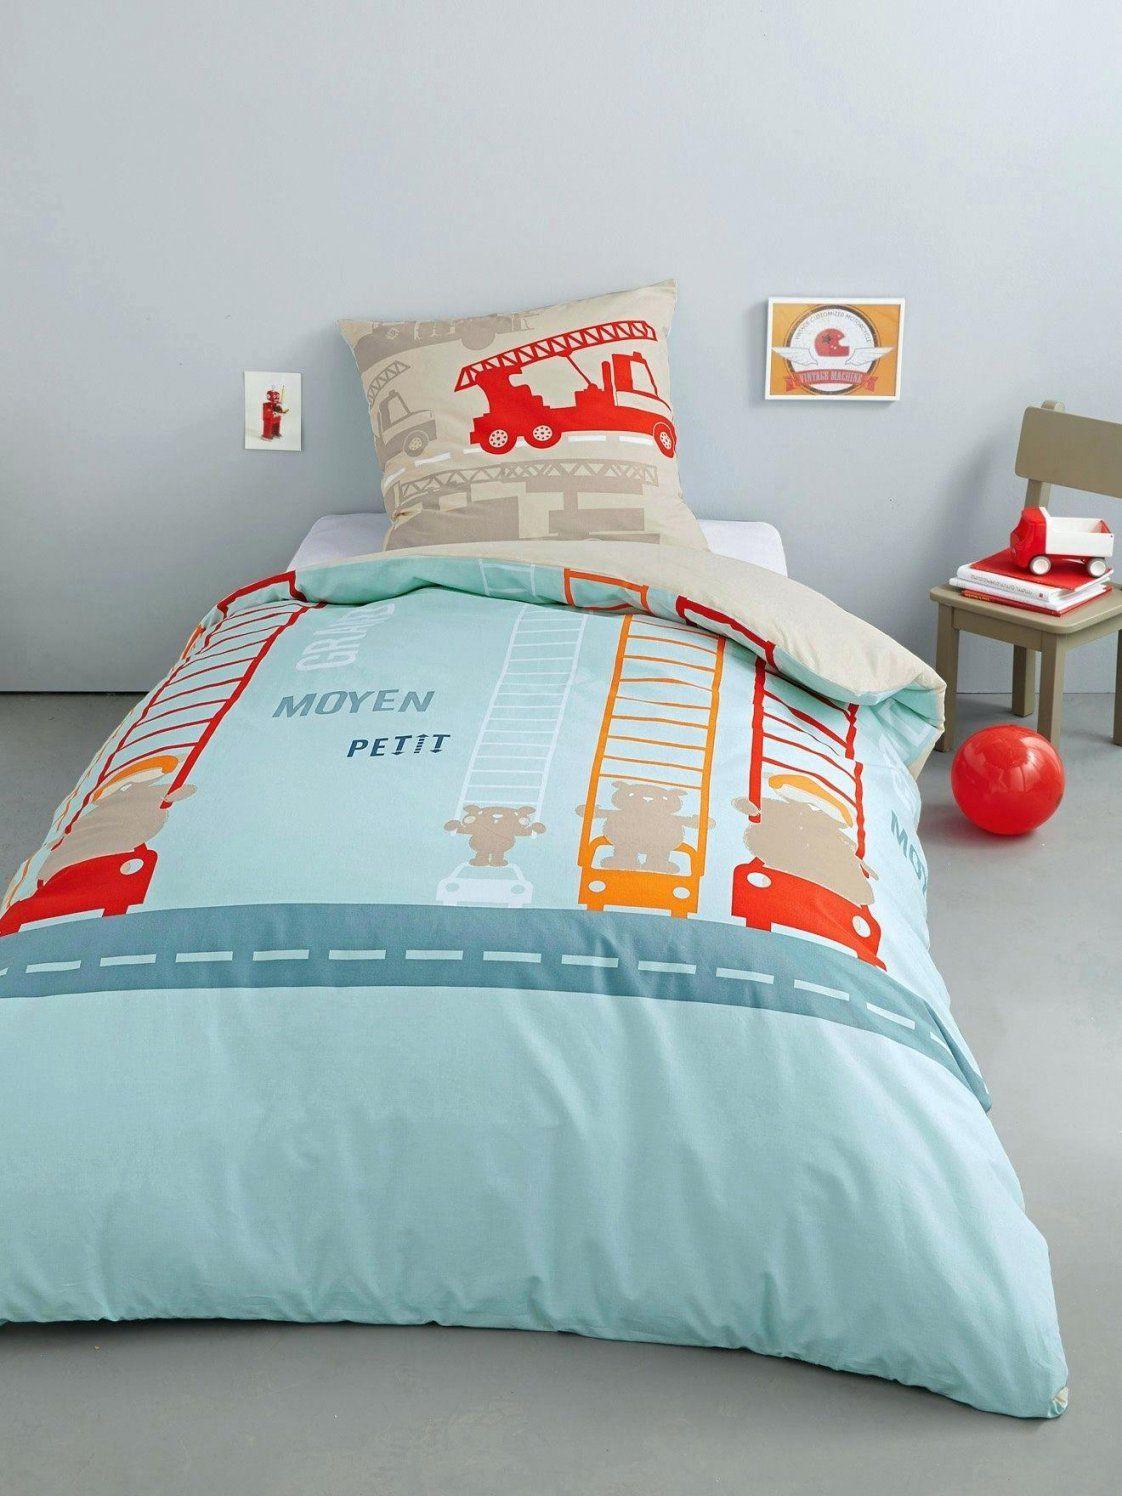 bettw sche feuerwehrmann aldi haus design ideen. Black Bedroom Furniture Sets. Home Design Ideas